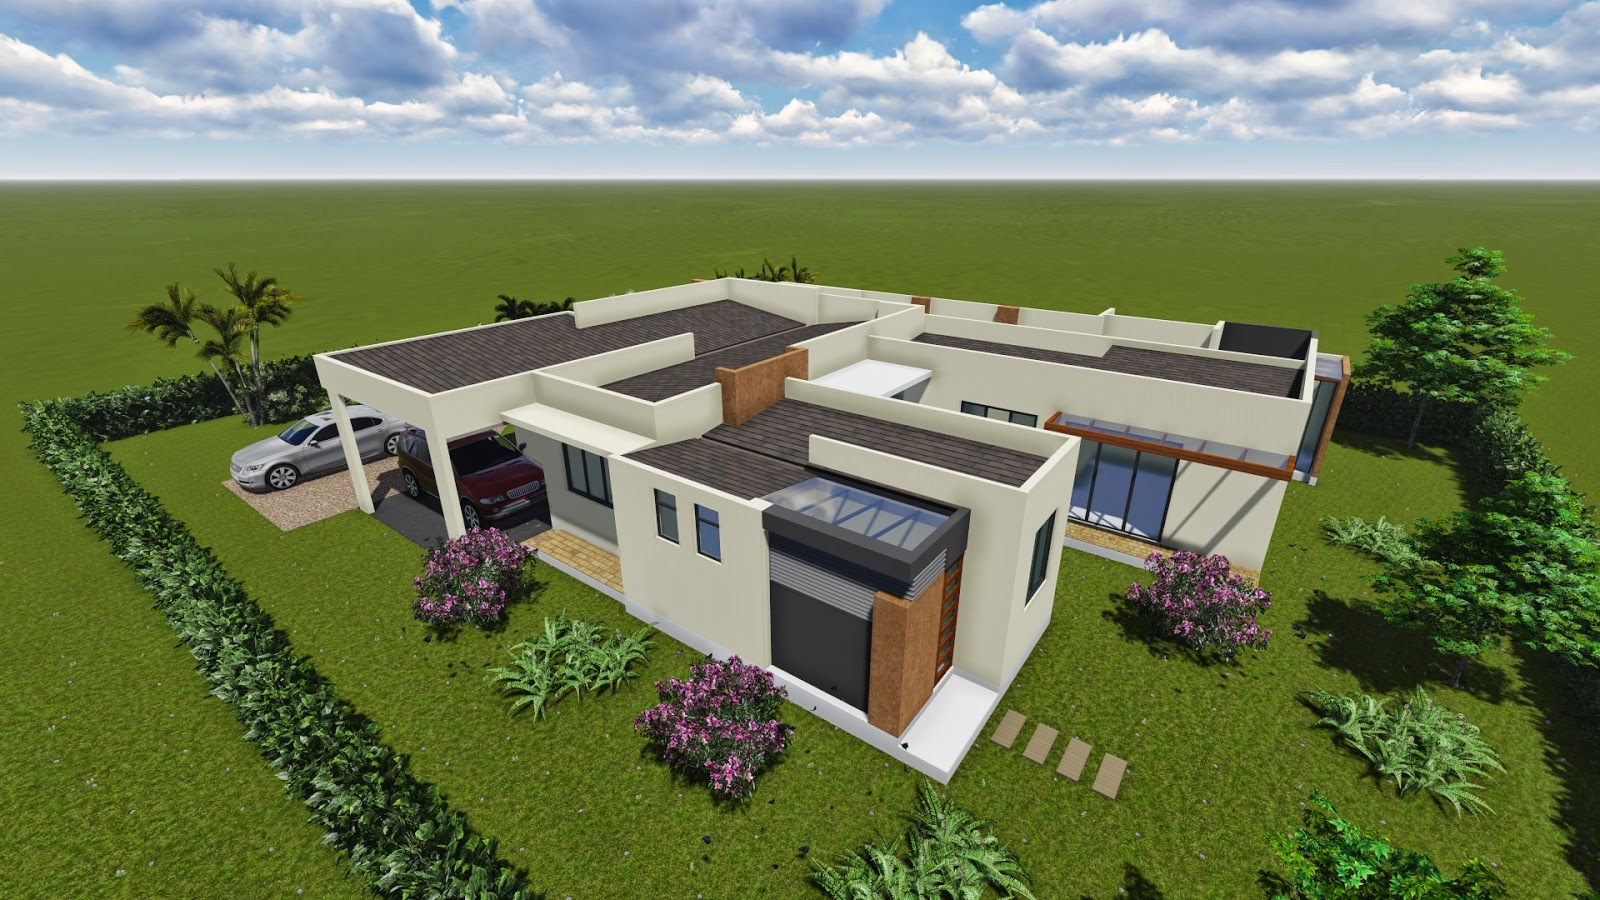 Dise o de casa campestre moderna 250 m2 for Disenos de fincas campestres